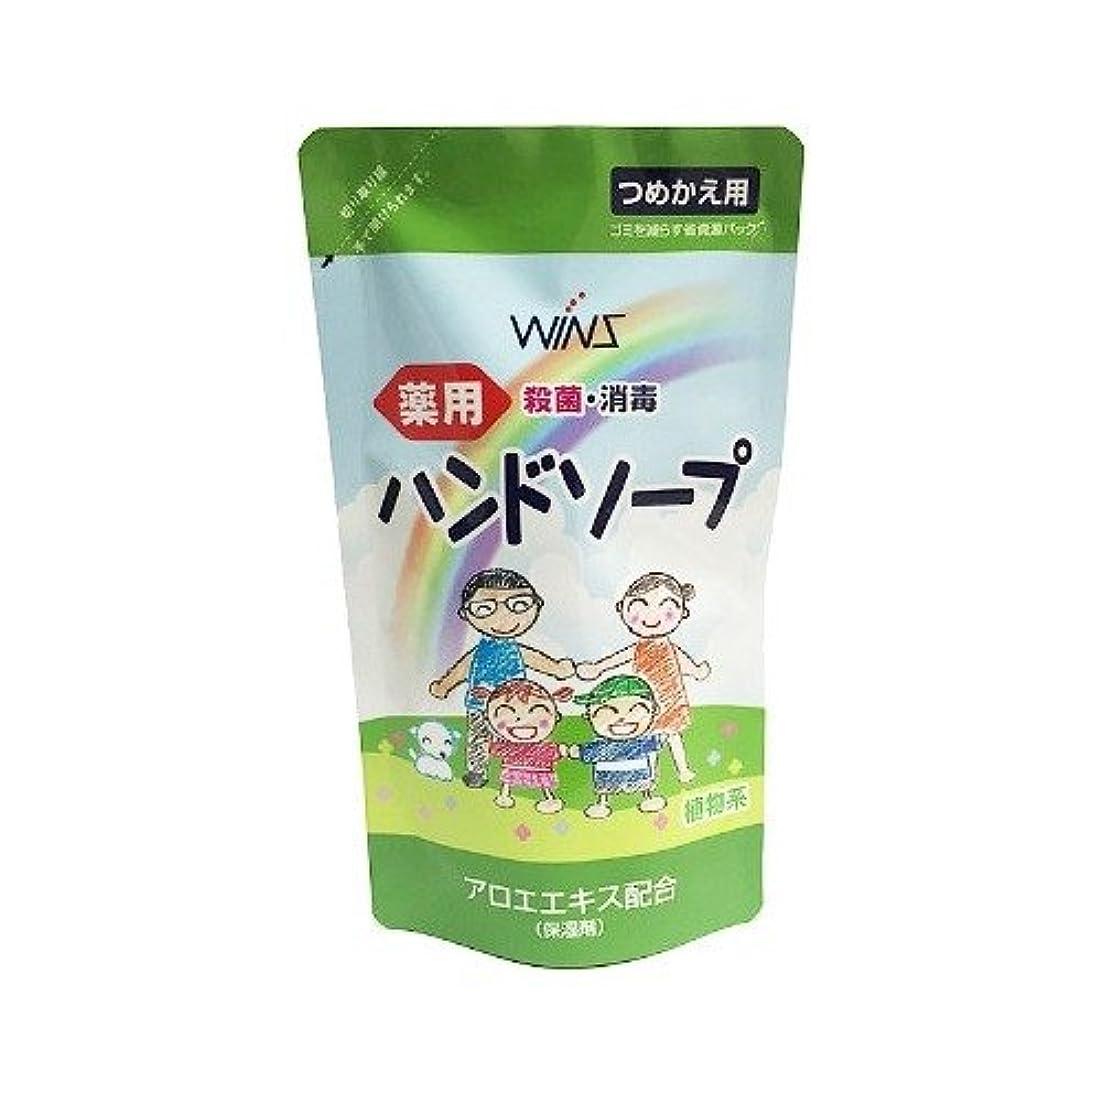 原始的な十代の若者たちアシュリータファーマンウインズ 薬用ハンドソープ 詰替 200mL 日本合成洗剤